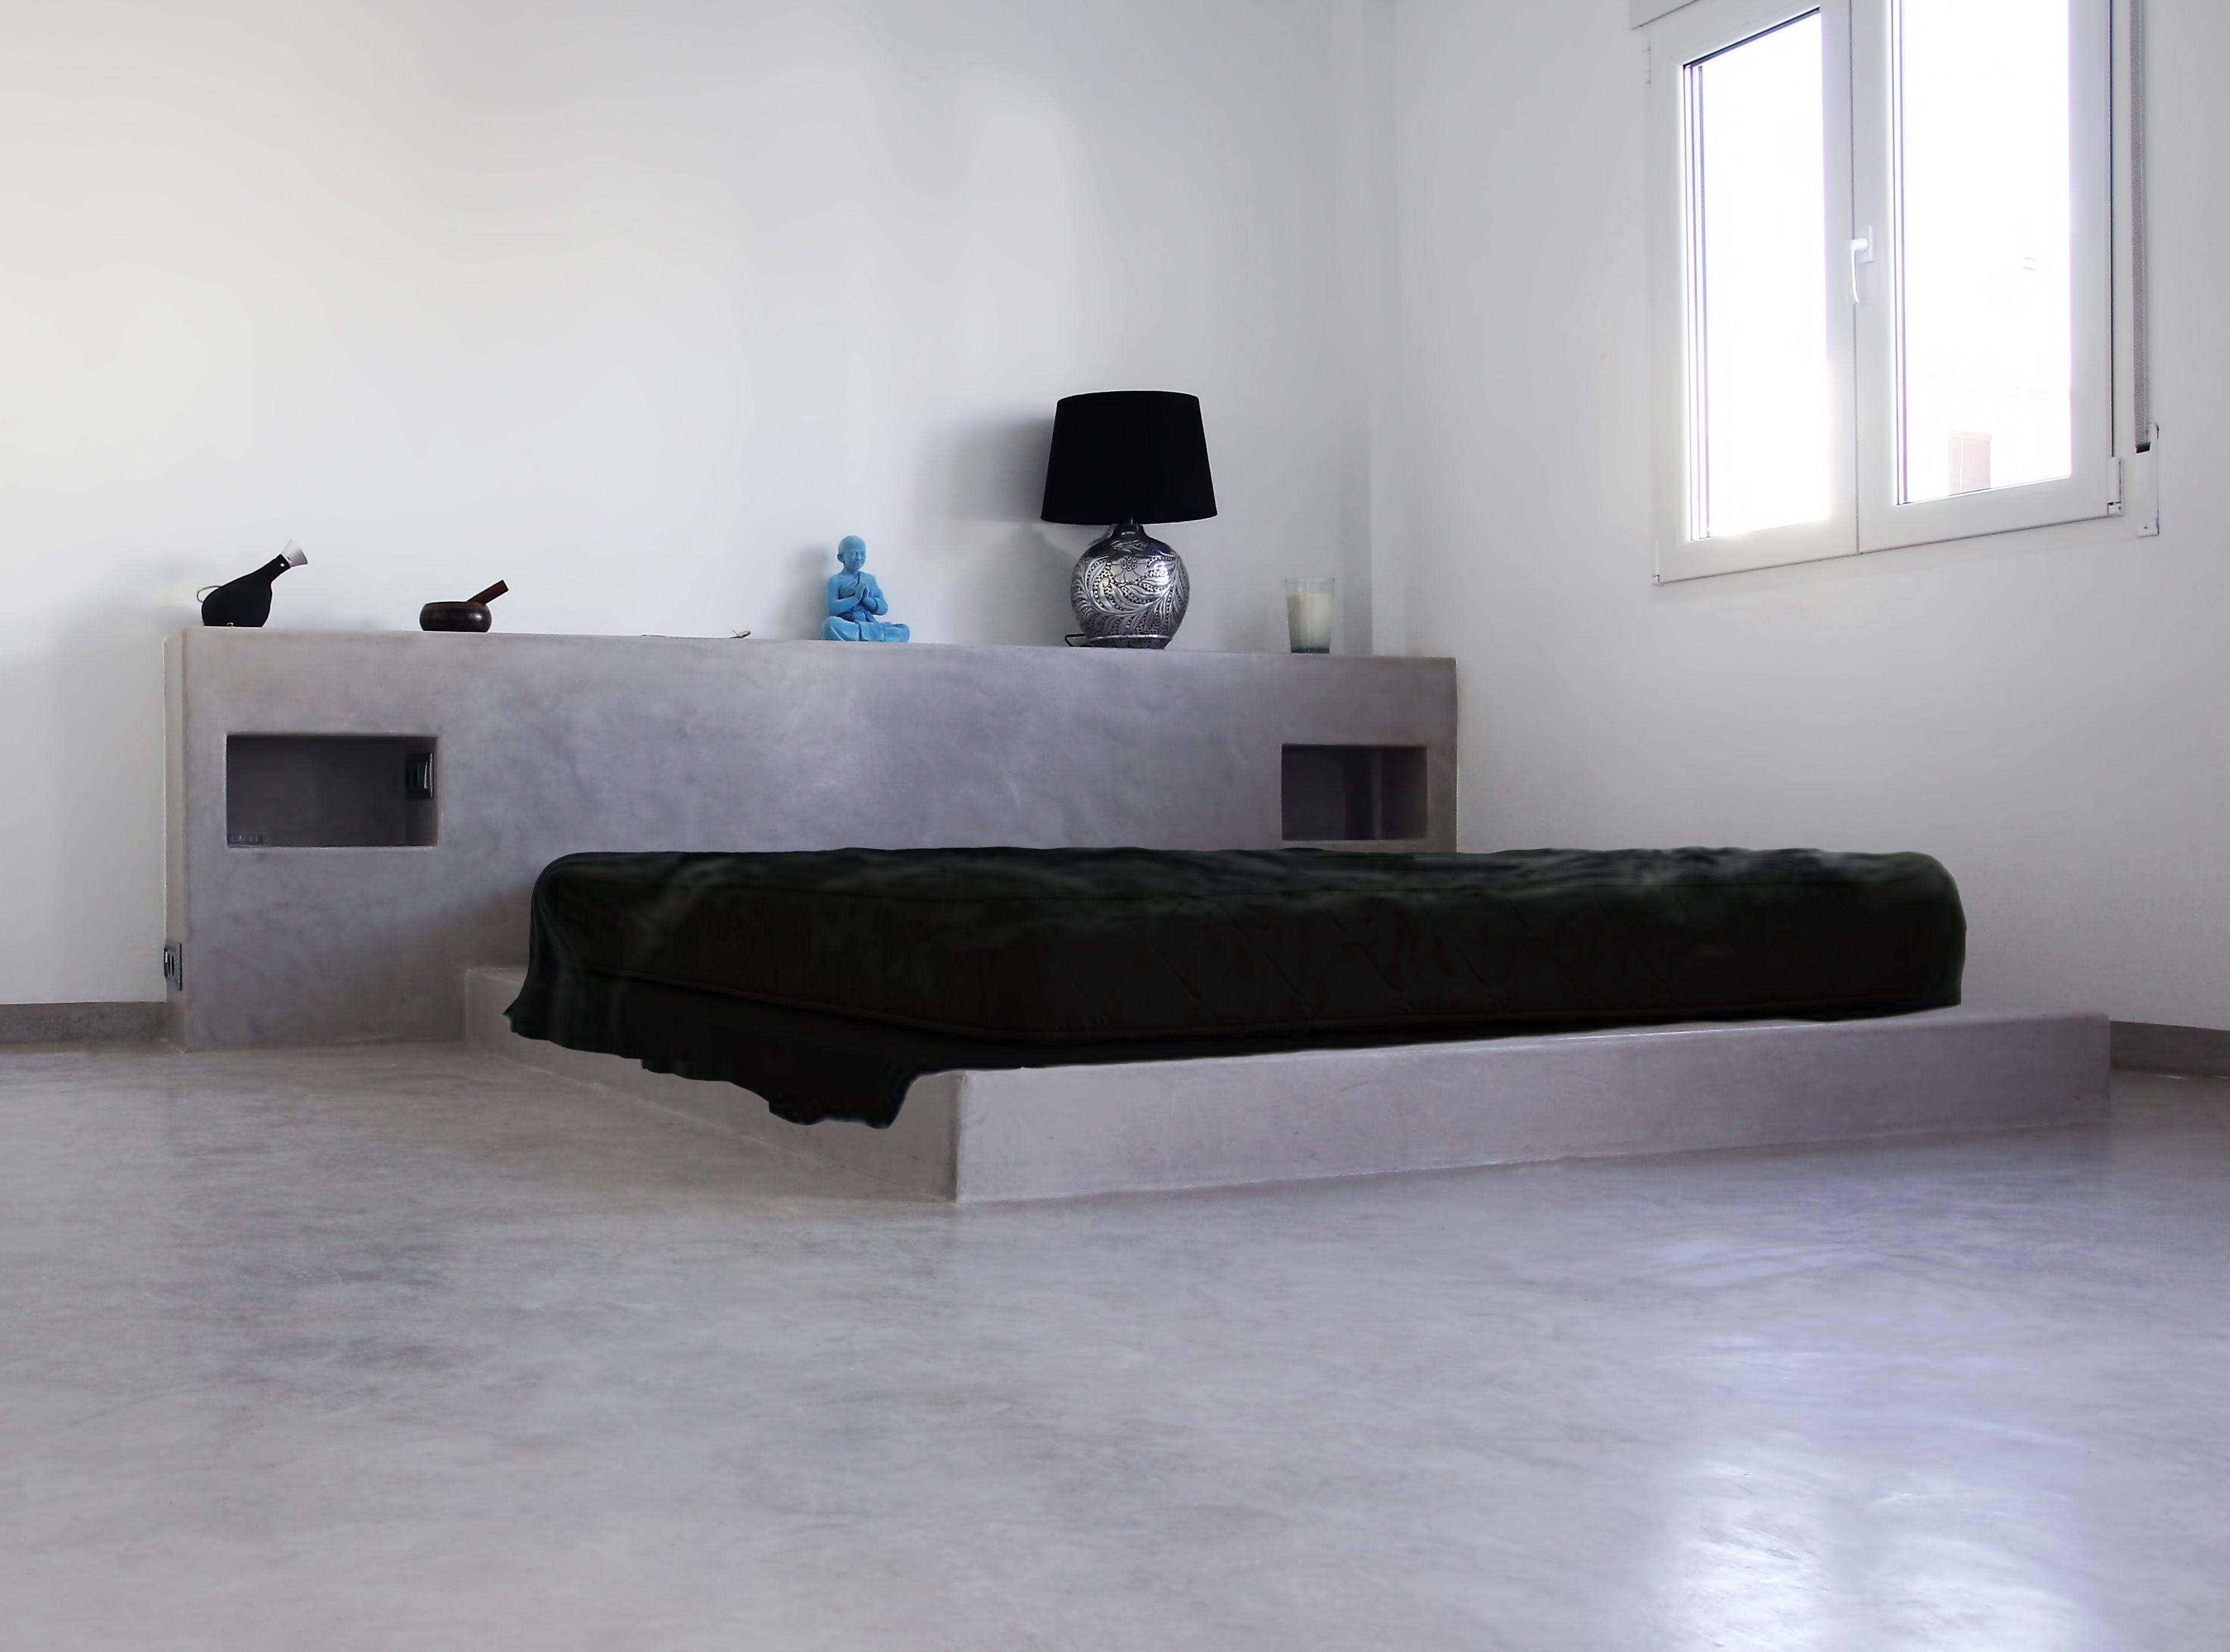 Gris Cemento Suelo Cama Y Cabezal De Una Sola Pieza Muebles  # Muebles Cemento Liviano